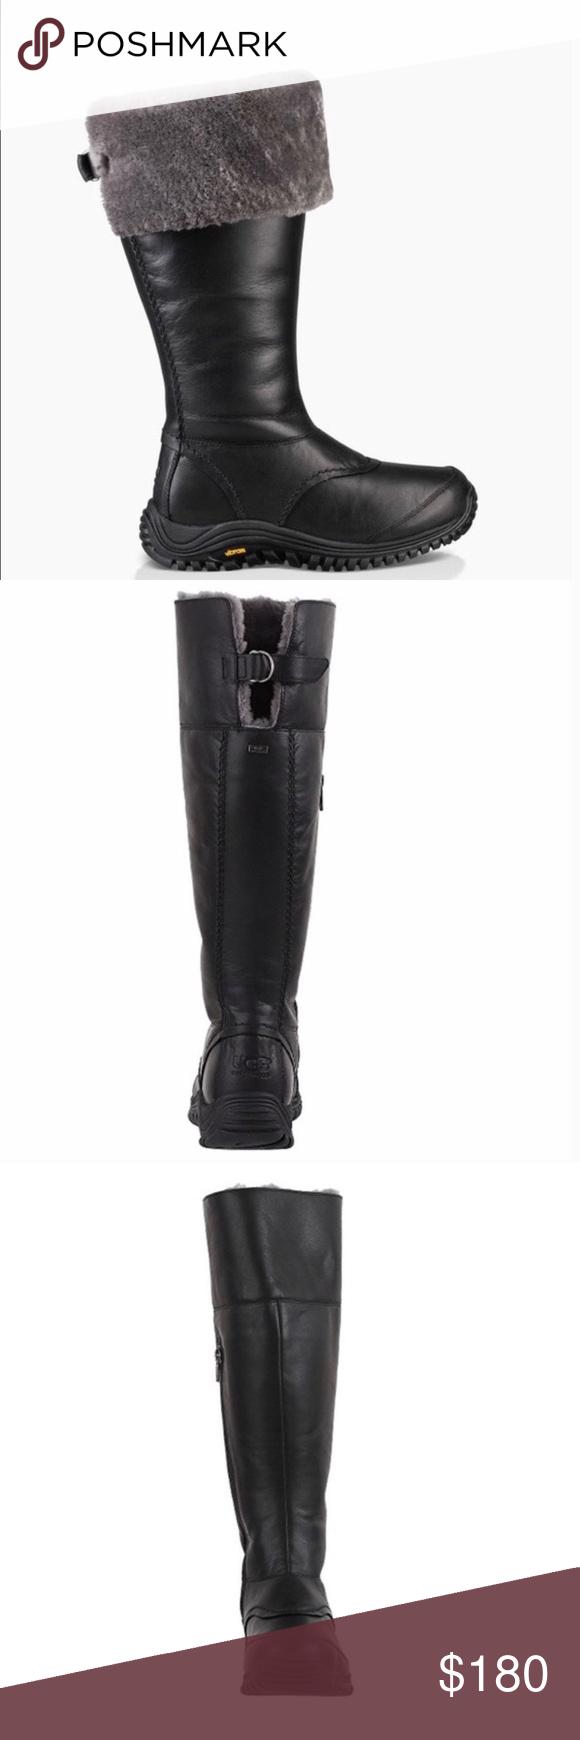 1383dda953f 🆕 Ugg Australia Miko Winter Boot Black 6.5 Ugg Australia Black Miko ...